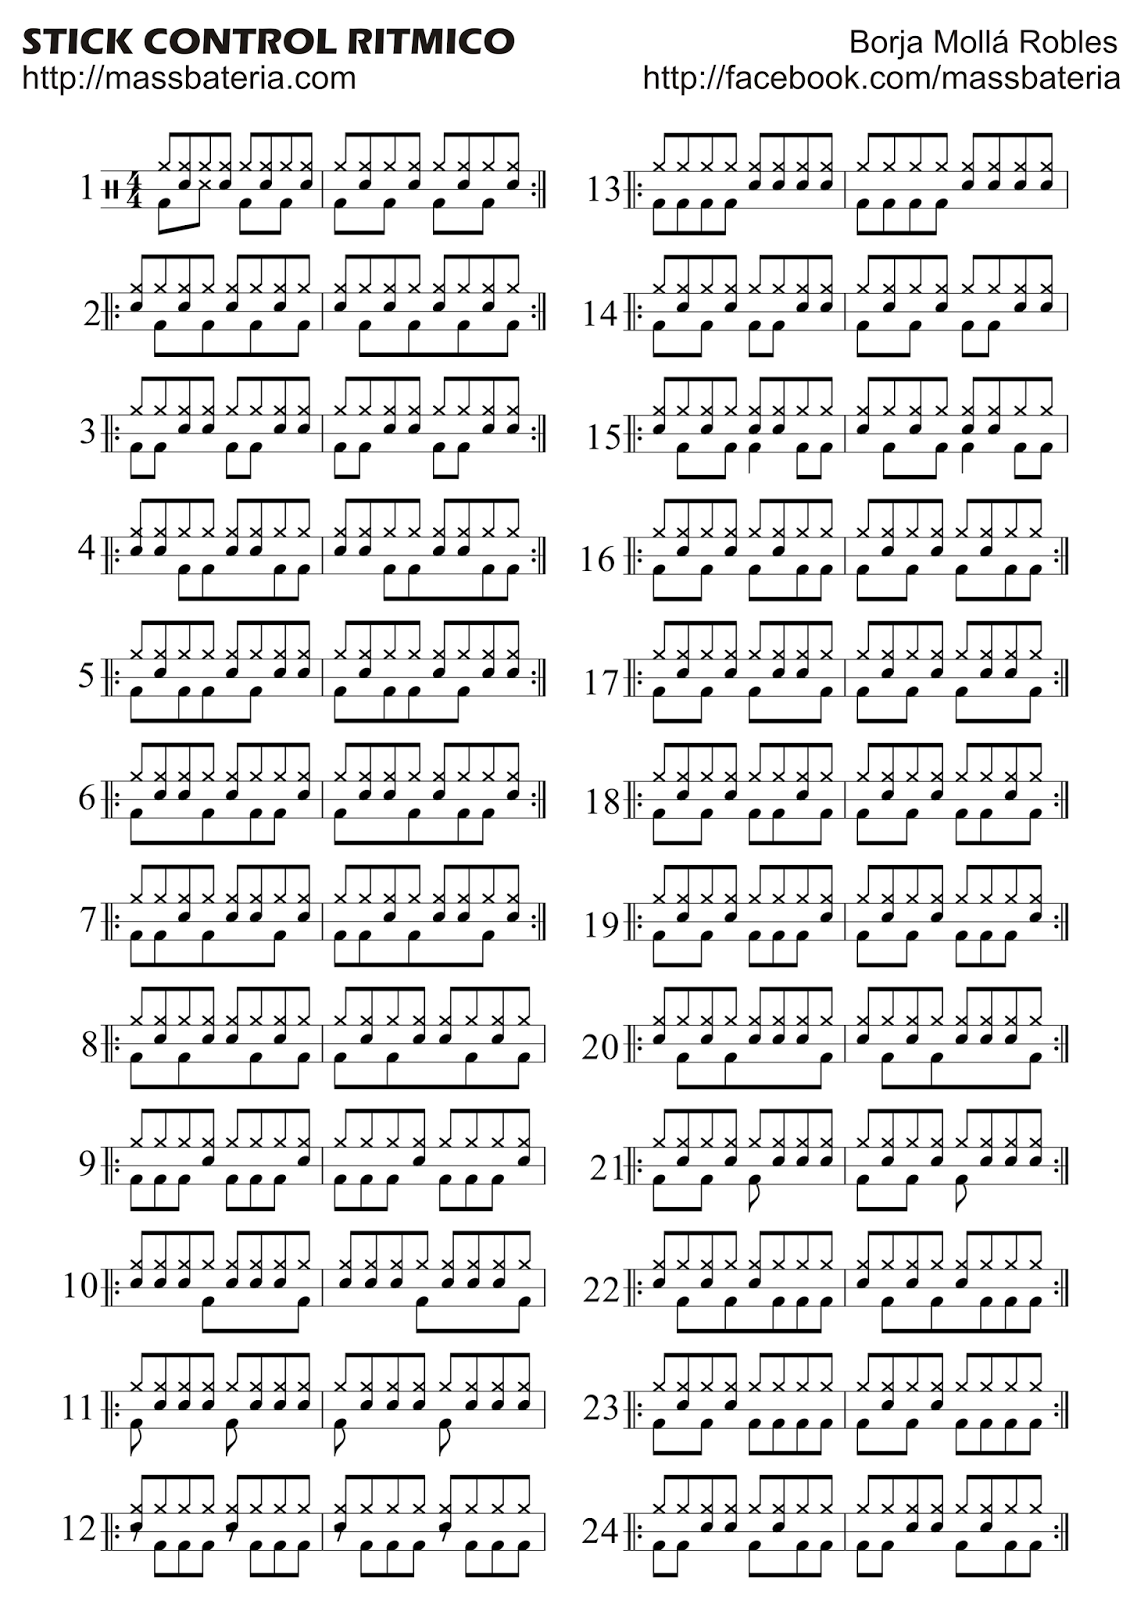 stick control ritmico primera hoja